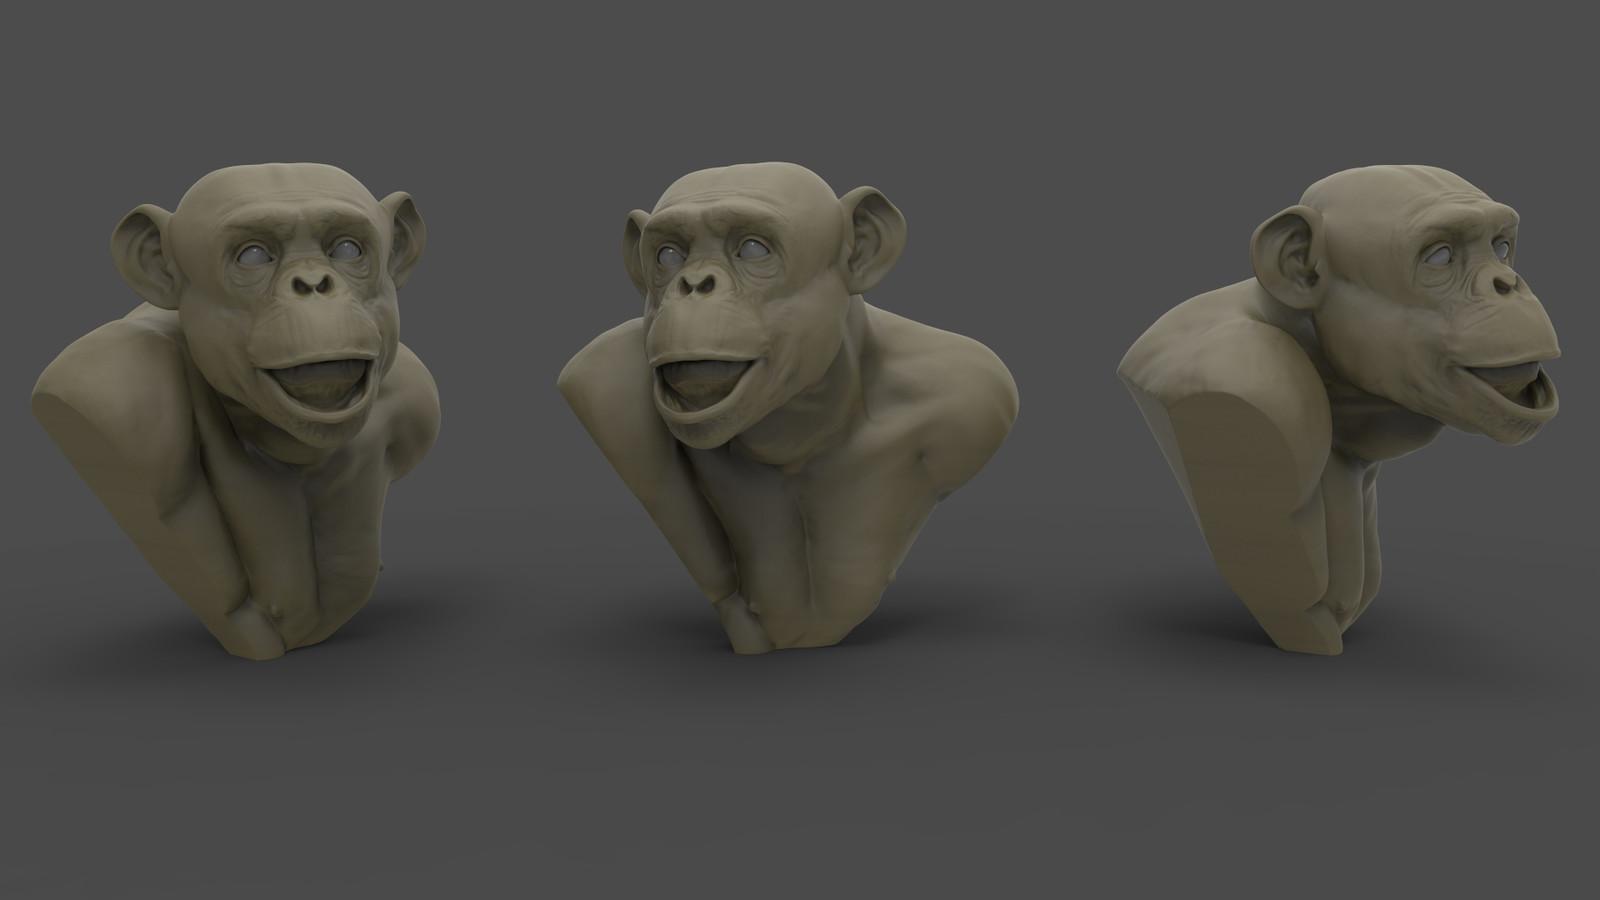 Chimpanzee Study